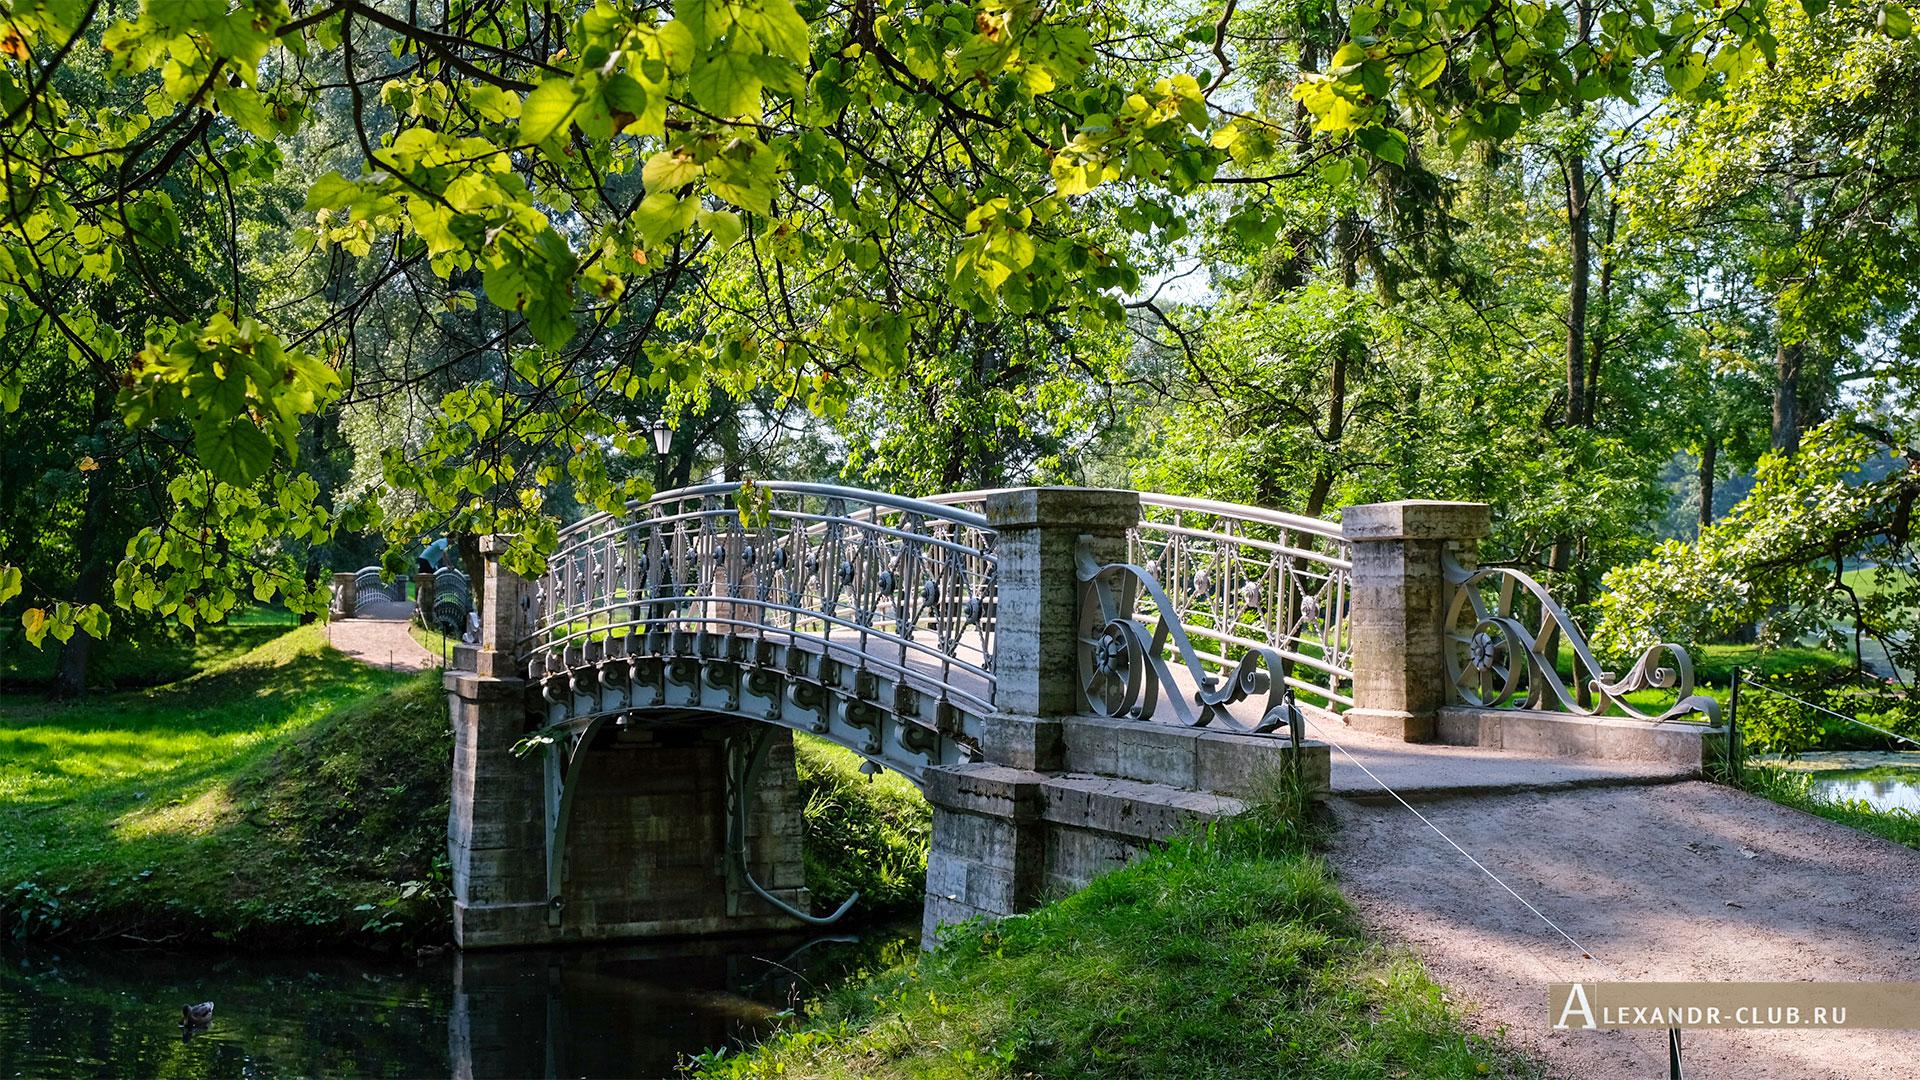 Гатчинский парк, лето, мостик, водный лабиринт